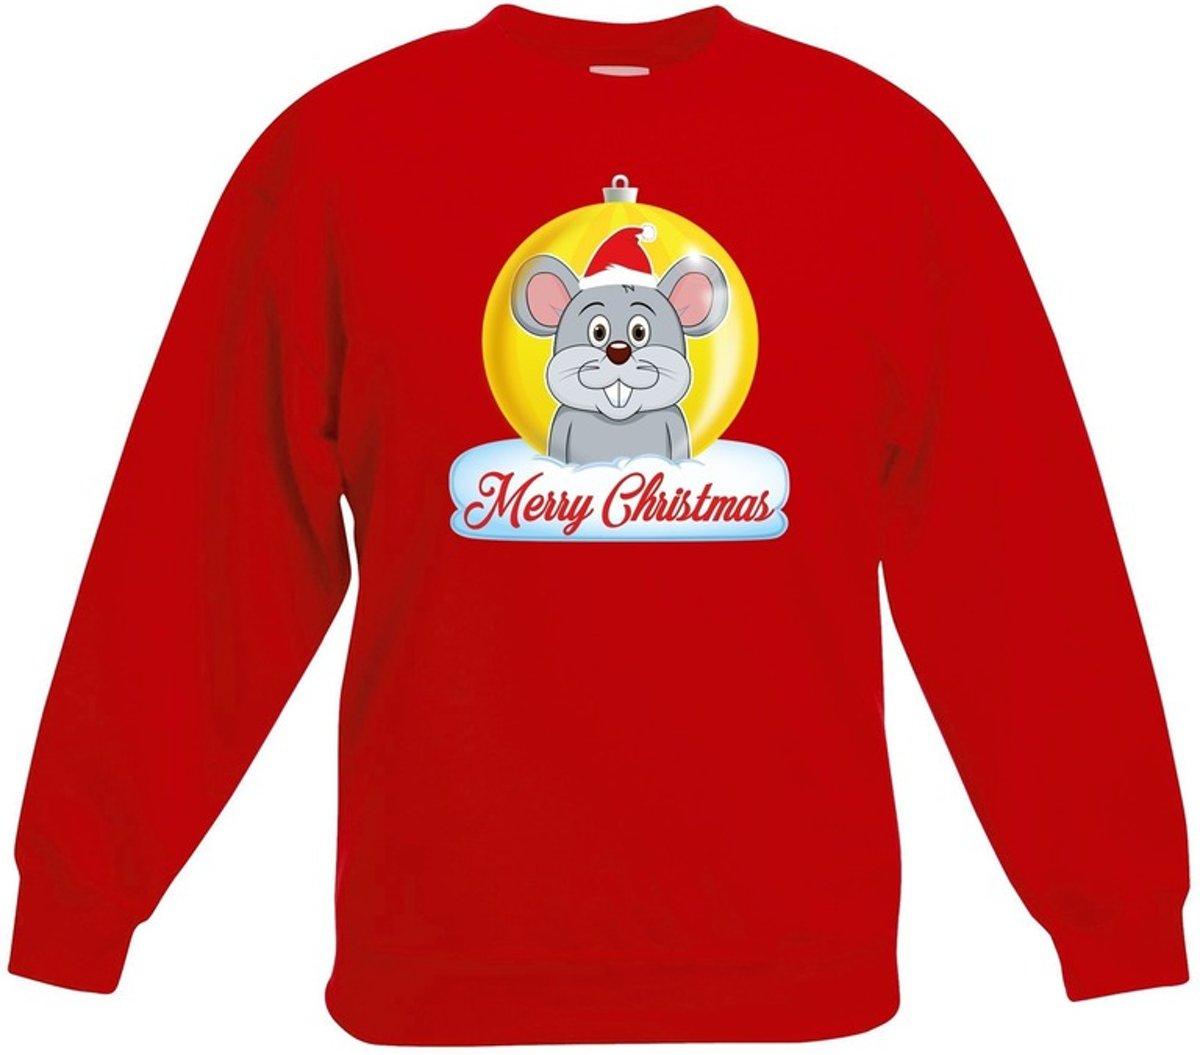 Kersttrui Merry Christmas muis kerstbal rood jongens en meisjes - Kerstruien kind 9-11 jaar (134/146) kopen